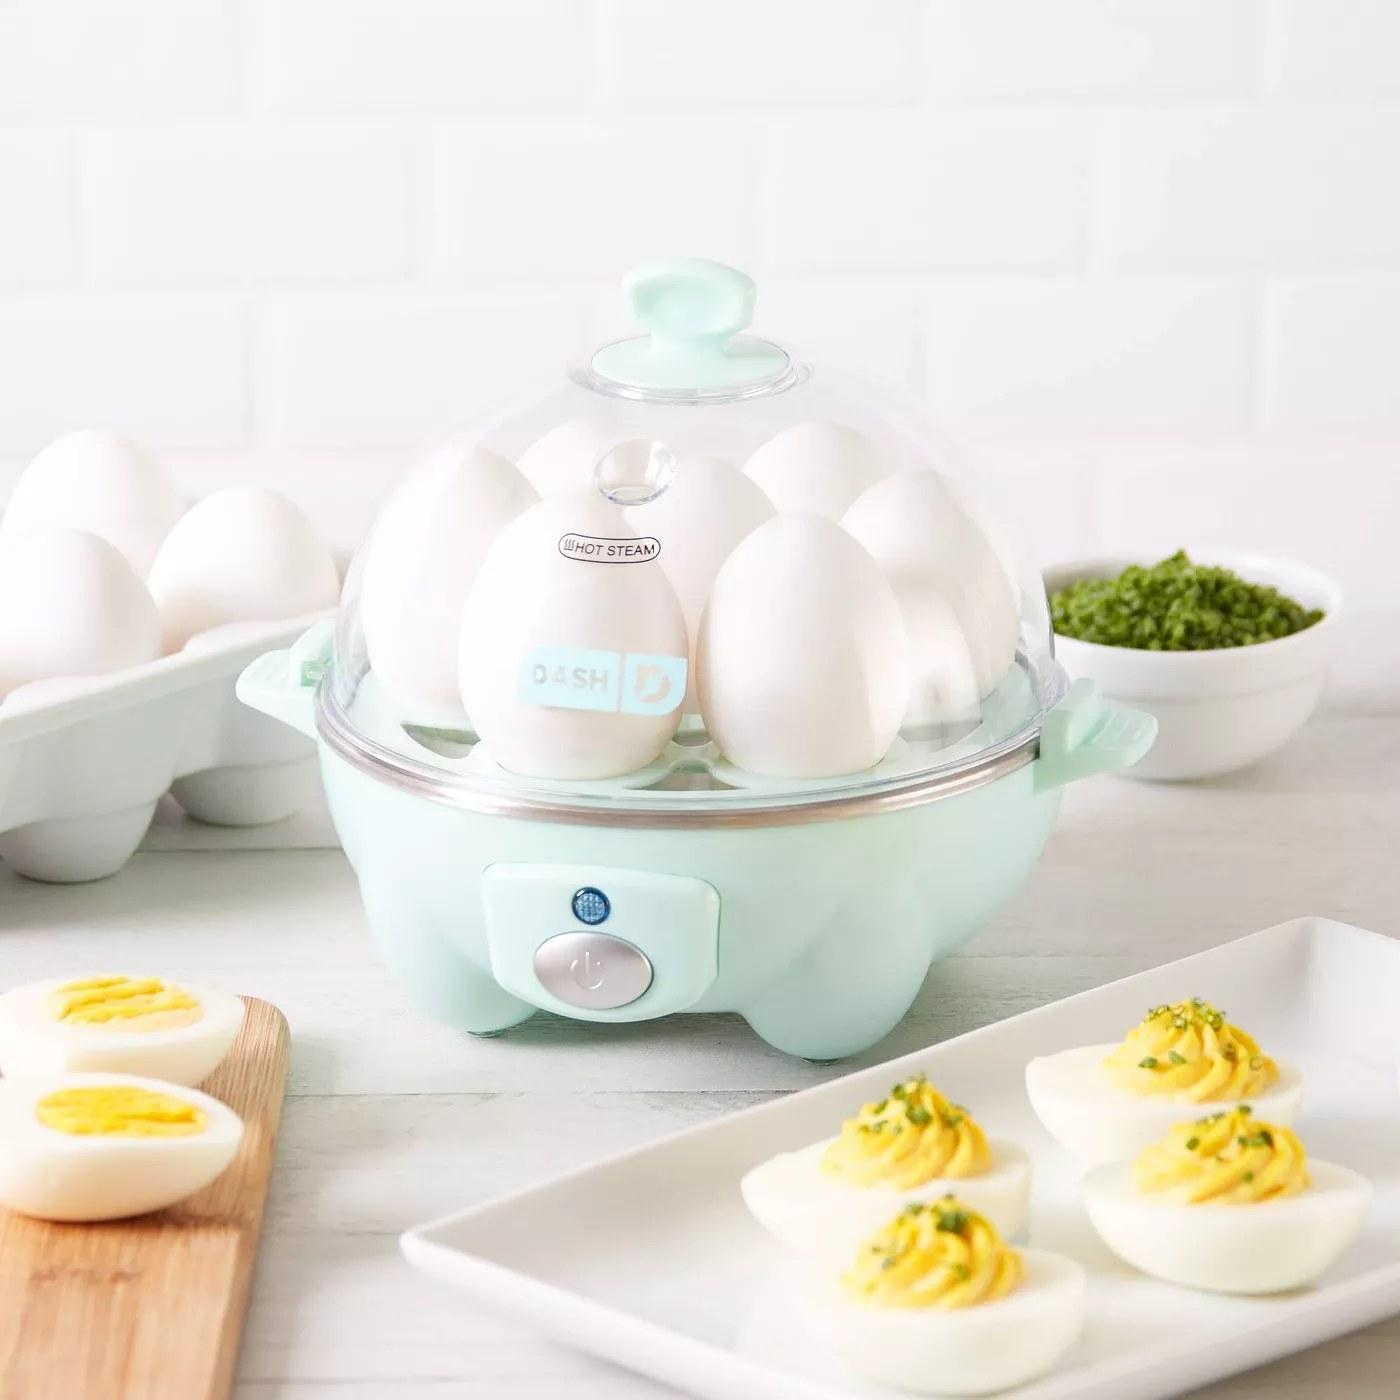 The egg cooker making eggs